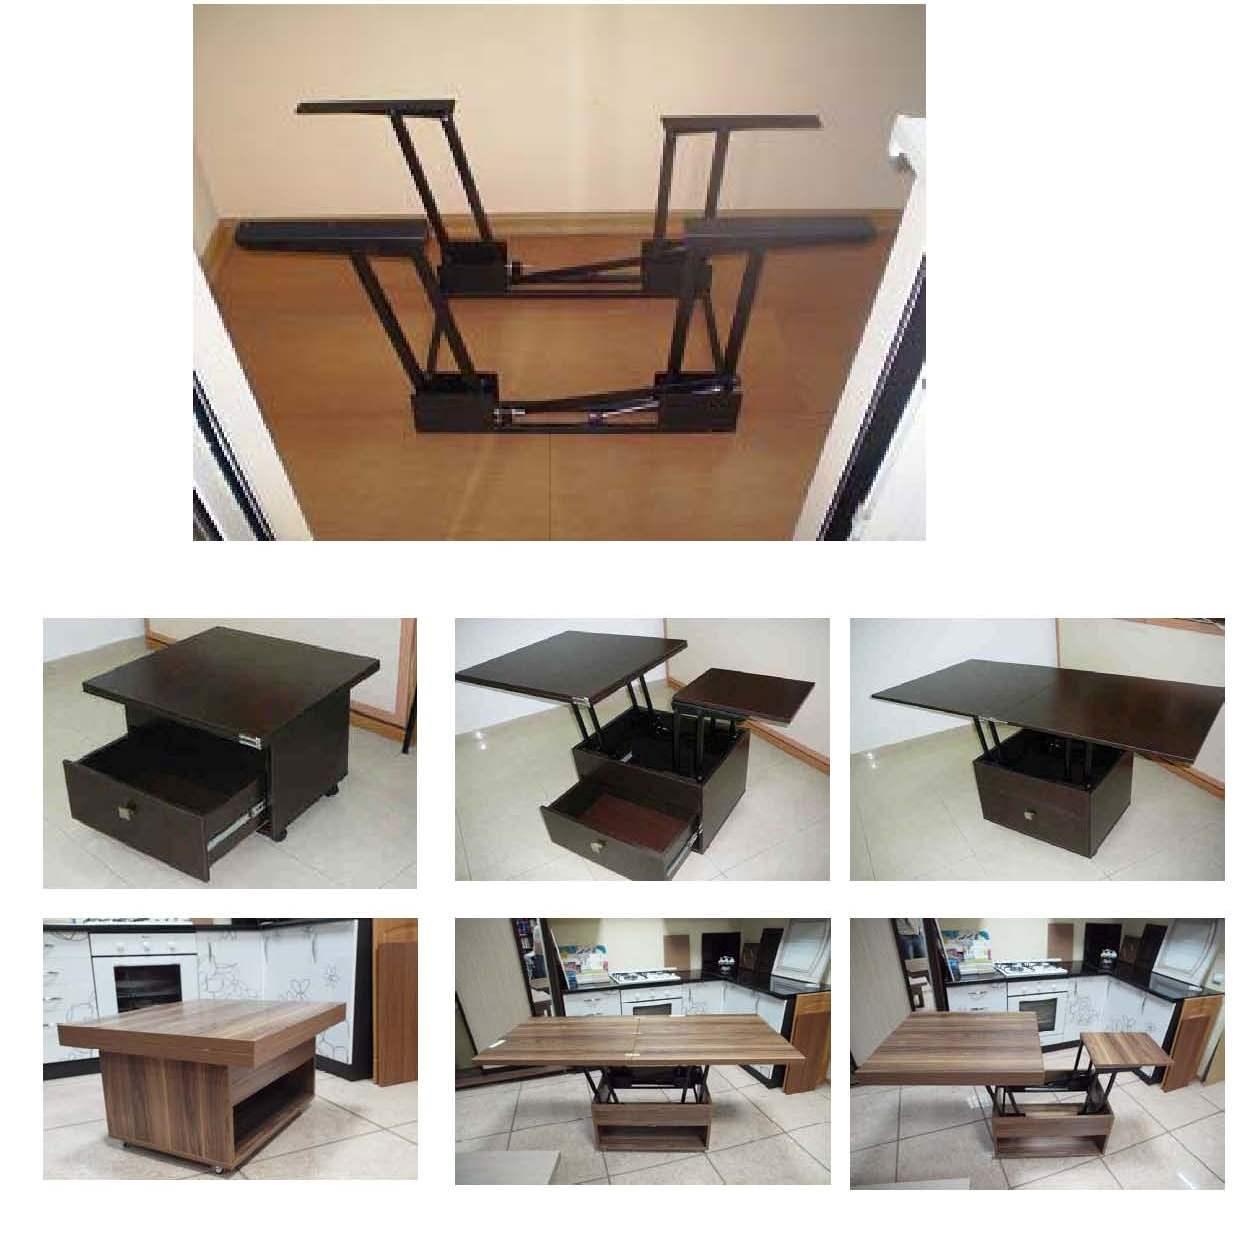 Стол трансформер своими руками 300 фото, чертежи, инструкции 5